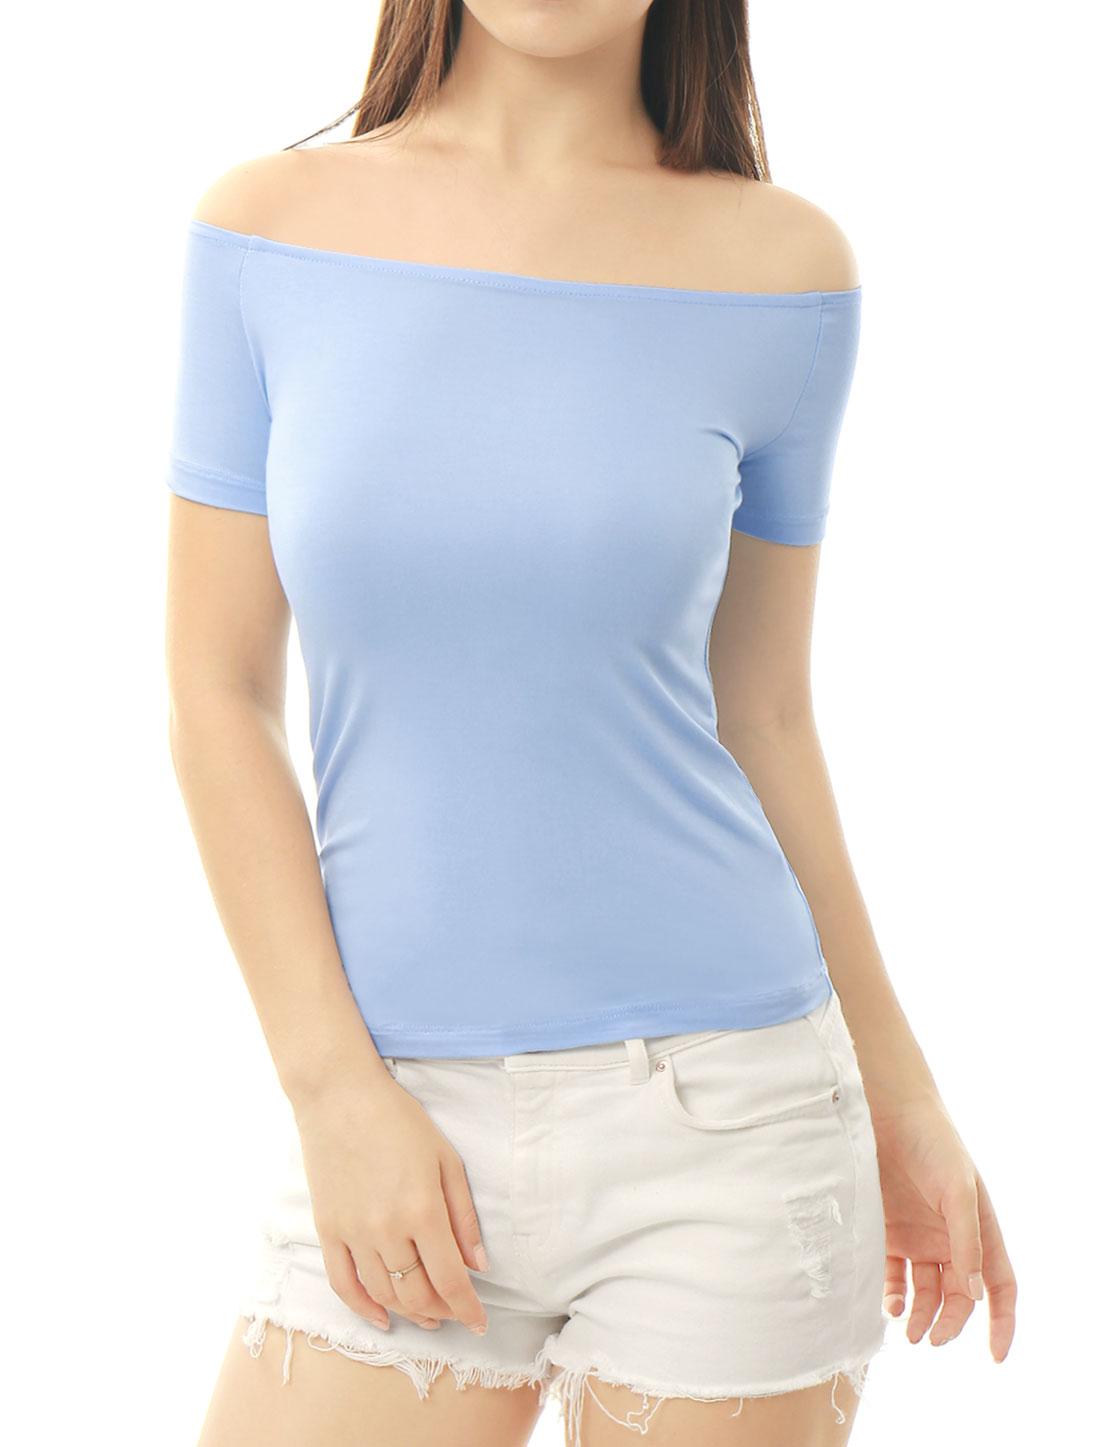 Women Short Sleeves Slim Fit Off the Shoulder Top Light Blue M